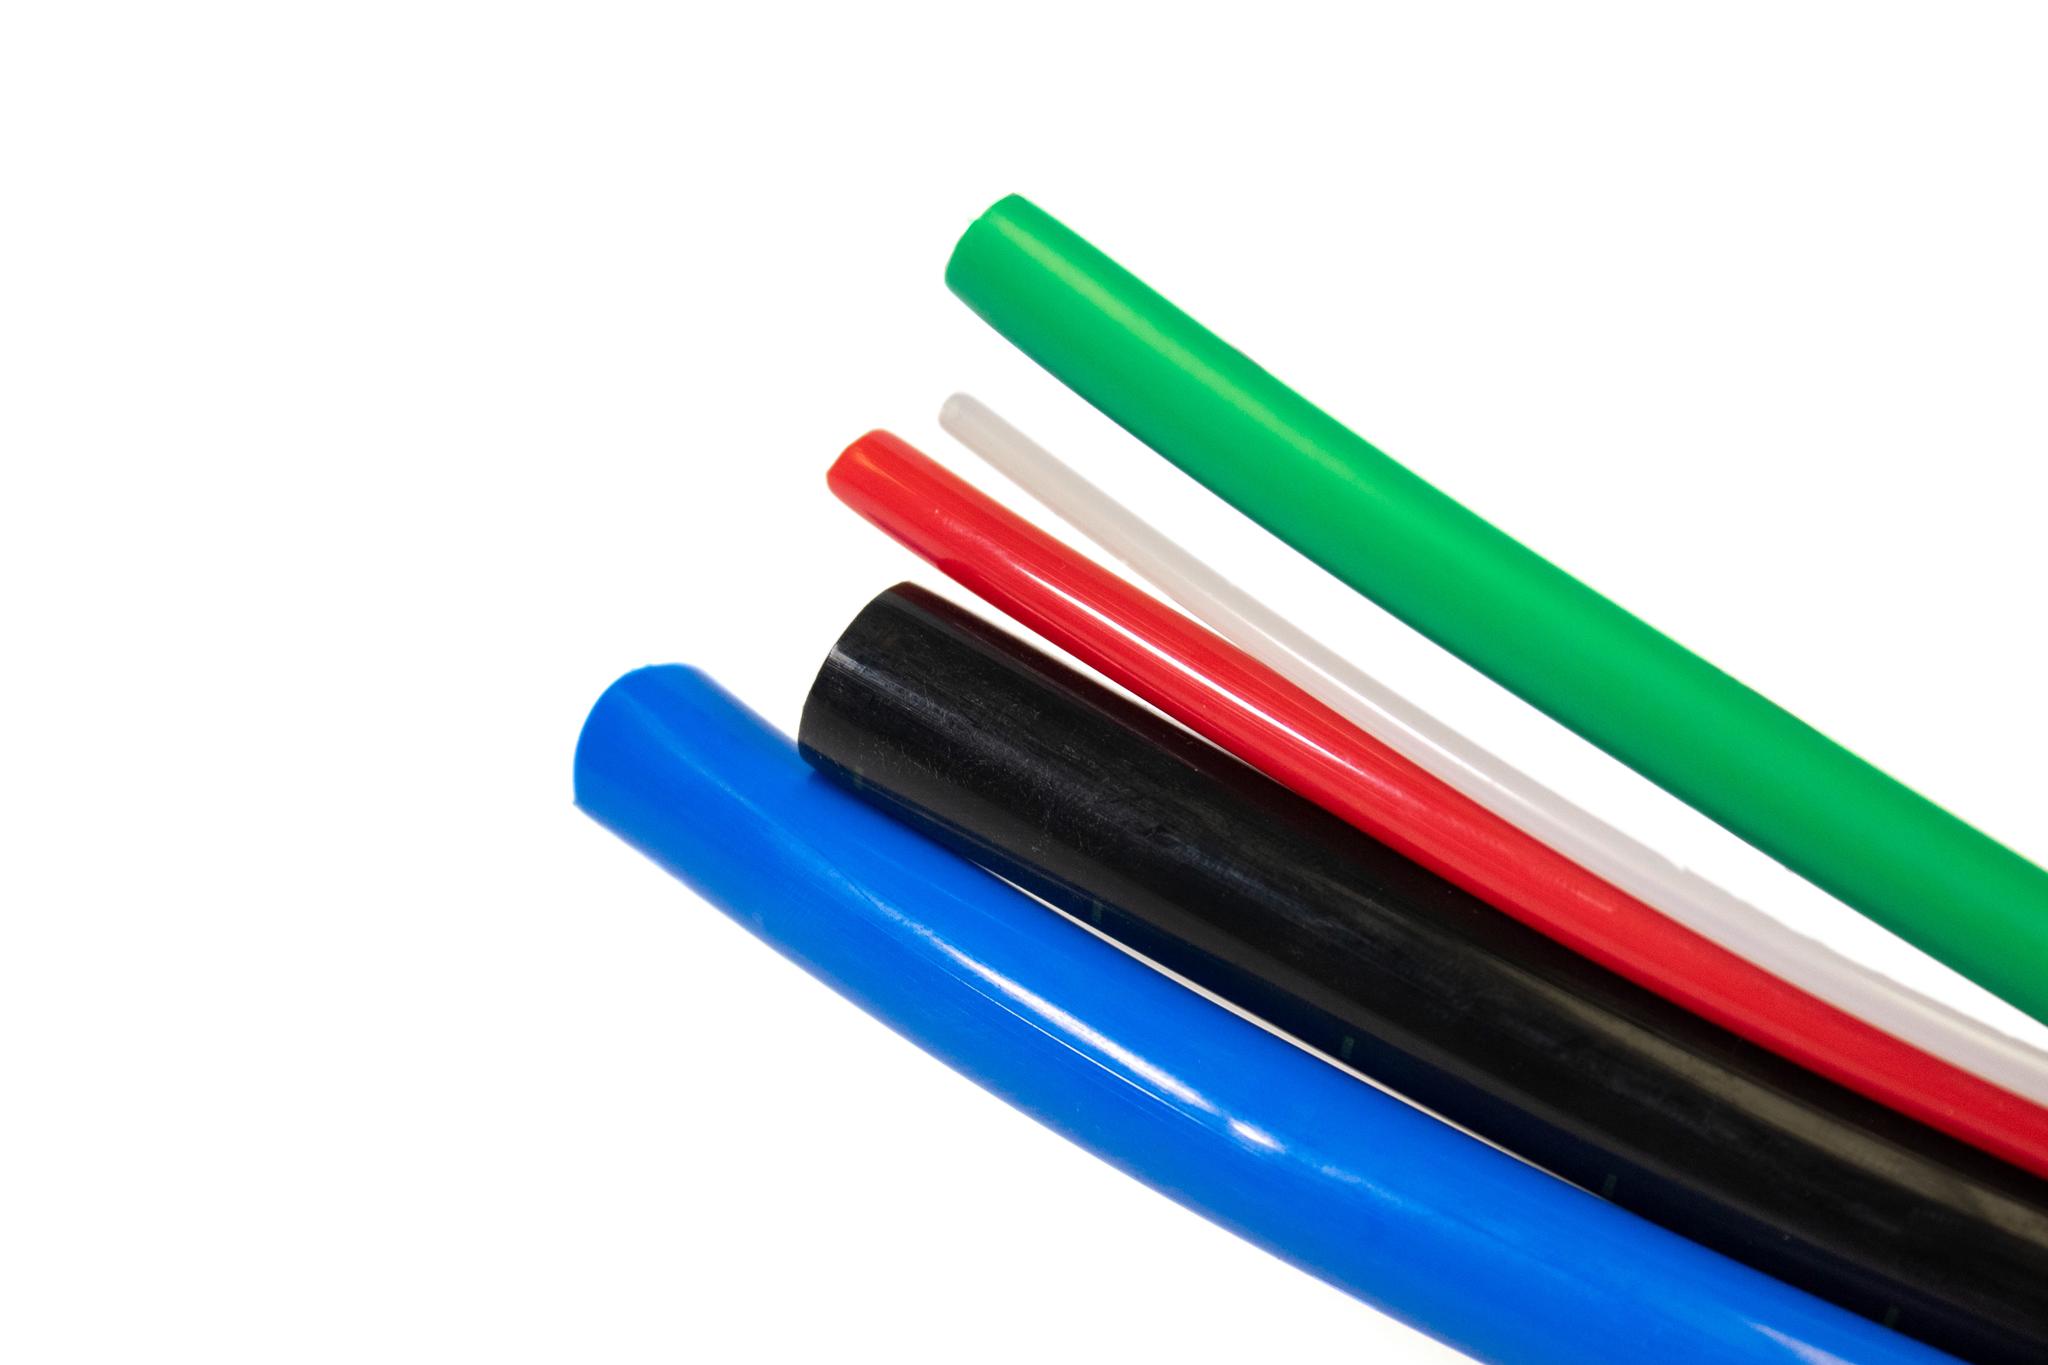 Flexible Nylon Hose Tubing Standard Wall 10.0mm O/D x 7.0mm I/D x 1.5mm Wall Red